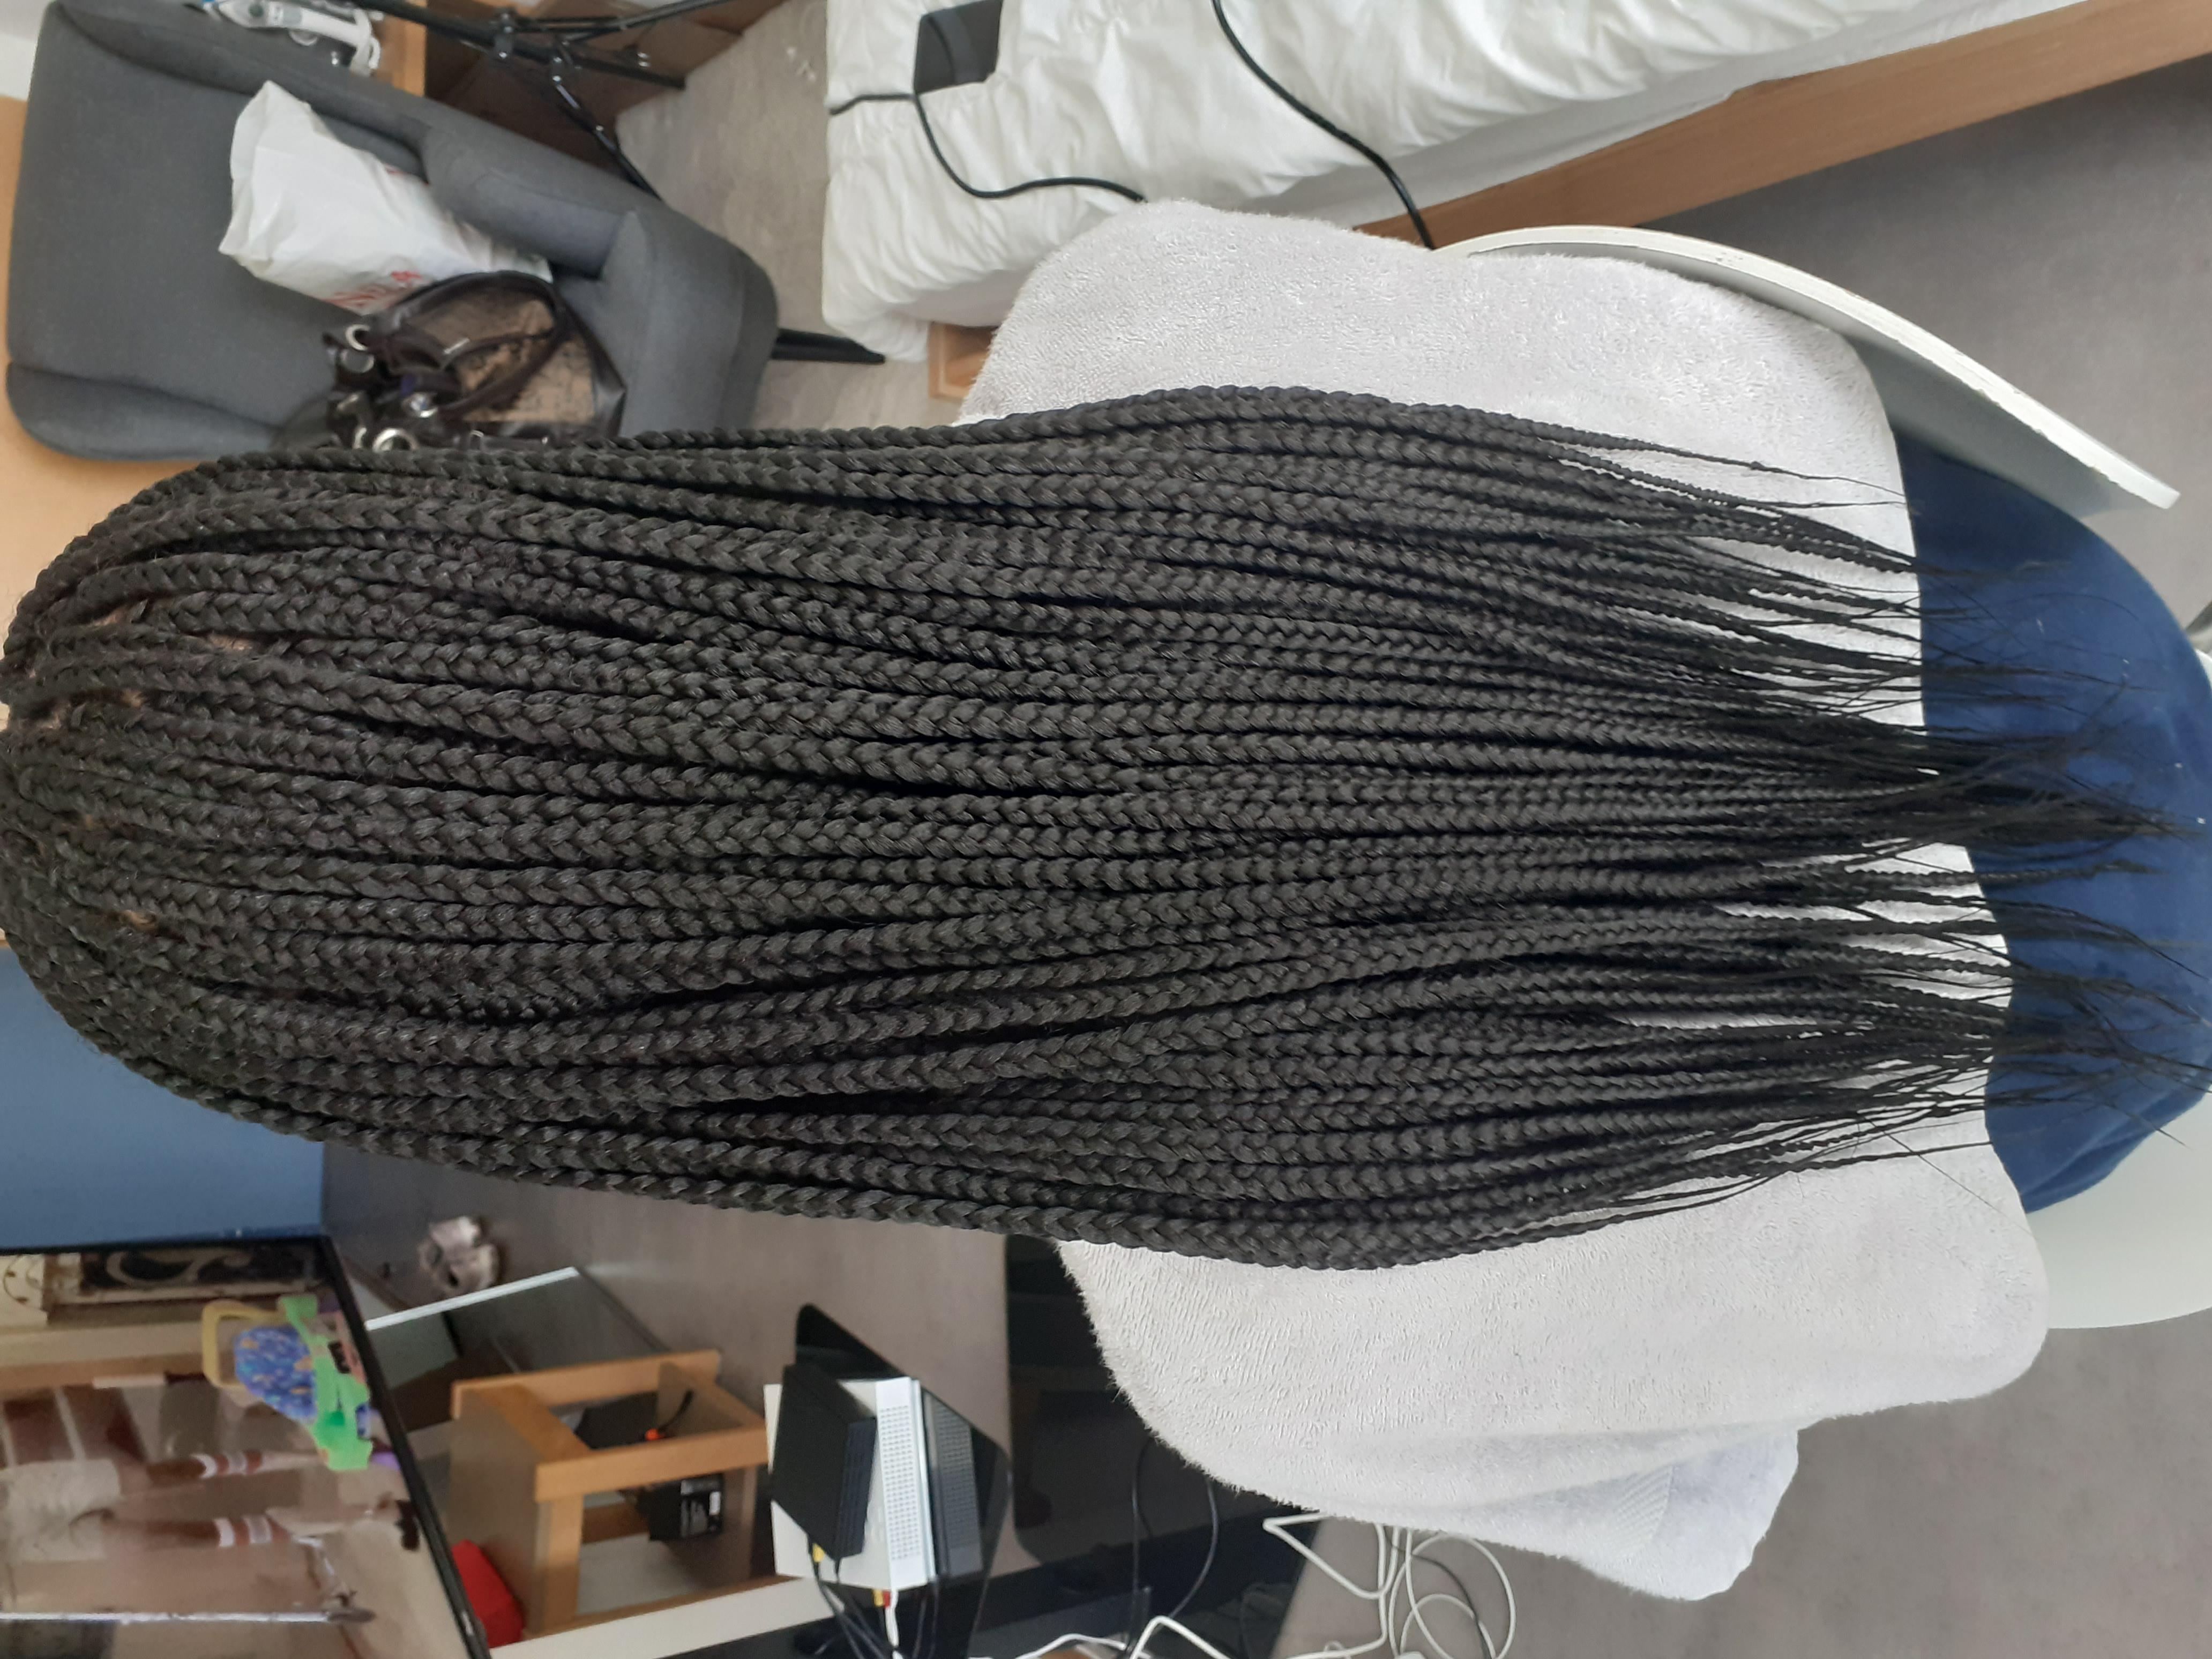 salon de coiffure afro tresse tresses box braids crochet braids vanilles tissages paris 75 77 78 91 92 93 94 95 YLRZIUUX